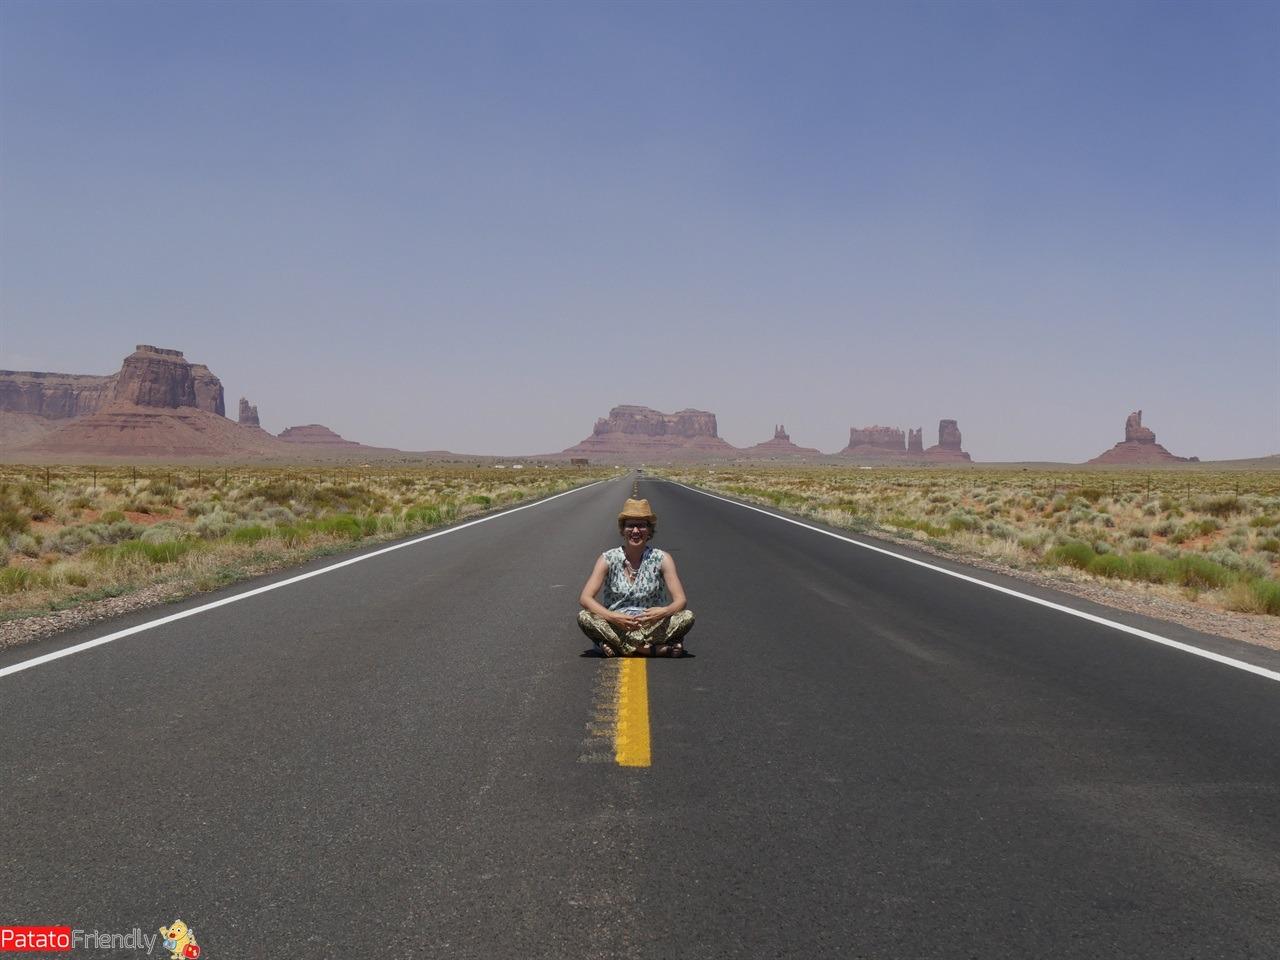 Il nostro viaggio in camper in USA - Nella Monument Valley